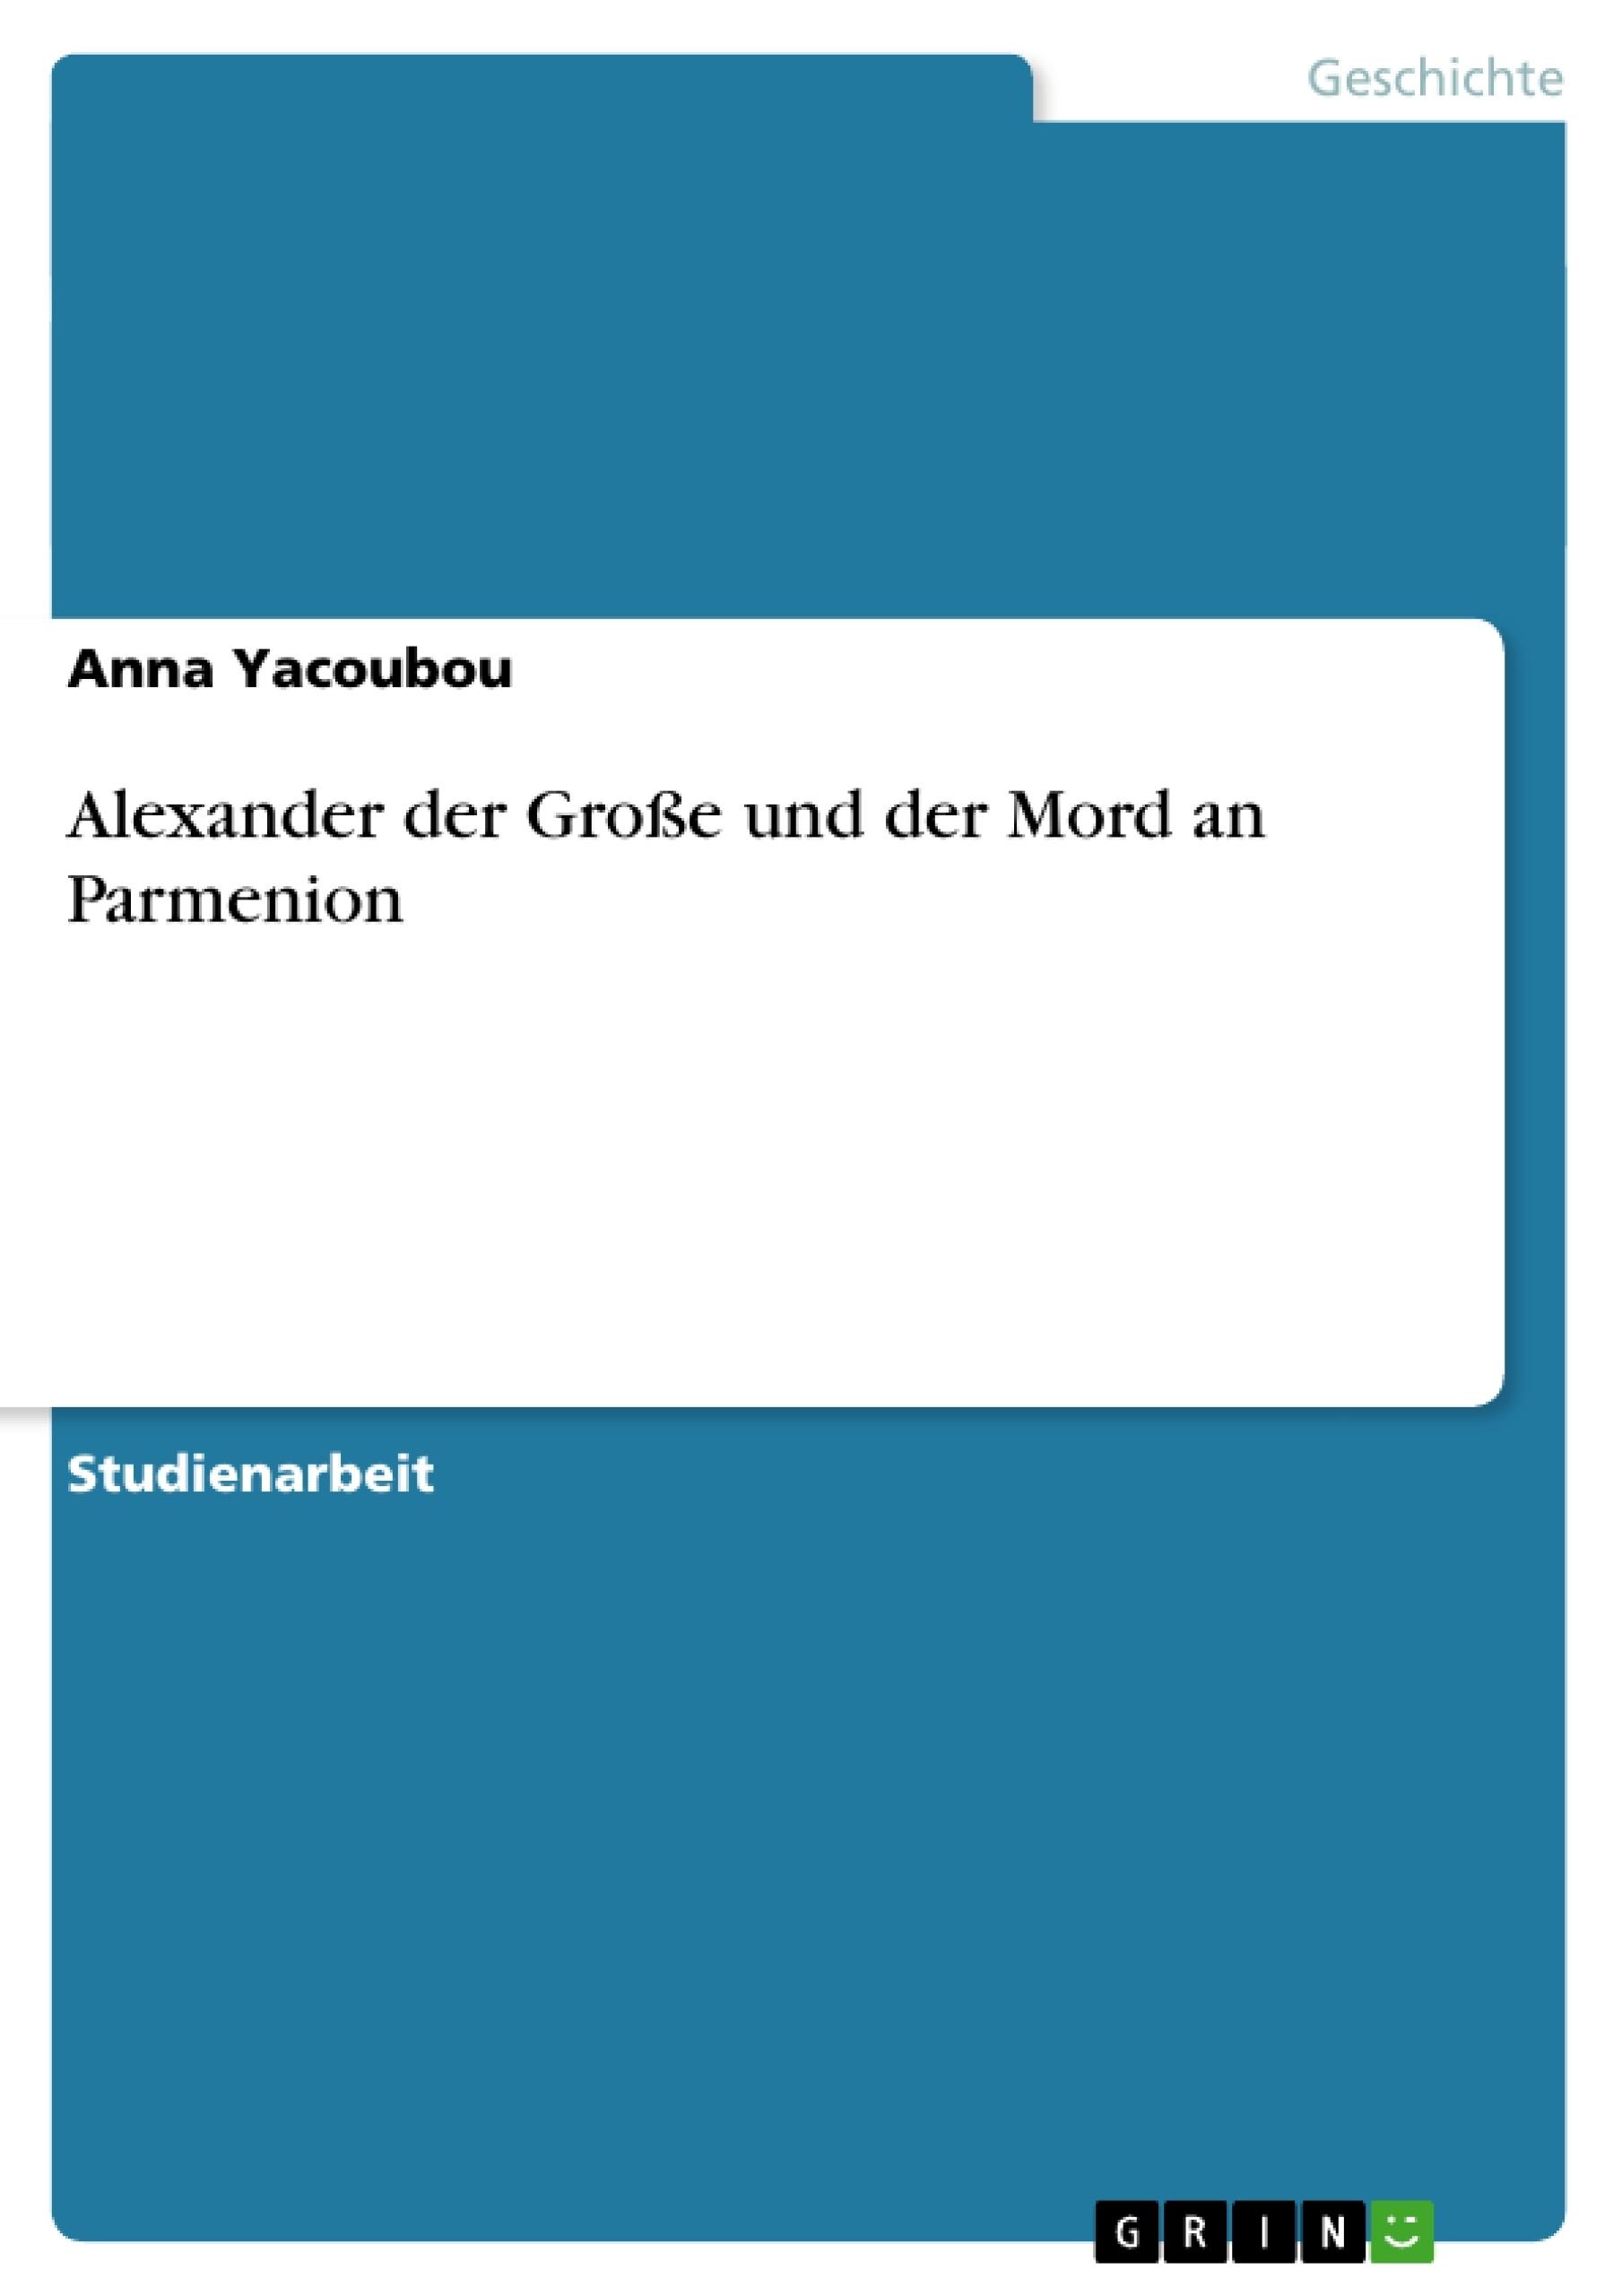 Titel: Alexander der Große und der Mord an Parmenion